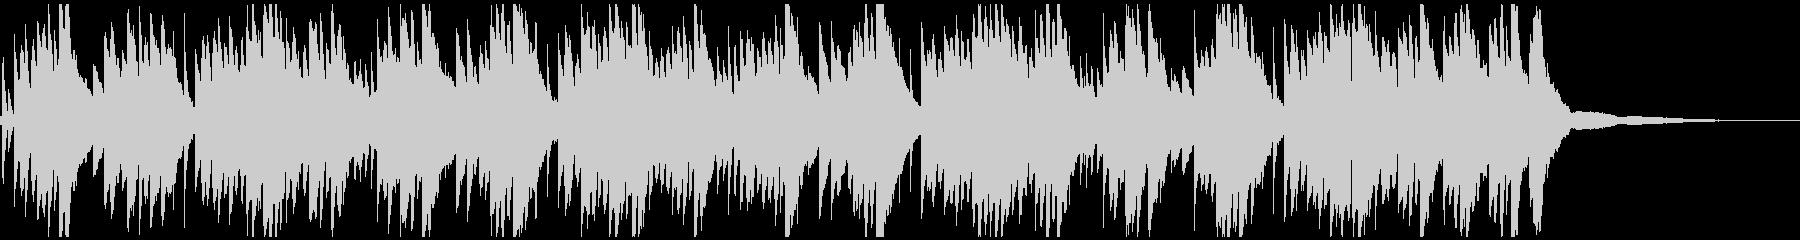 切ないメロディのピアノのソロの未再生の波形